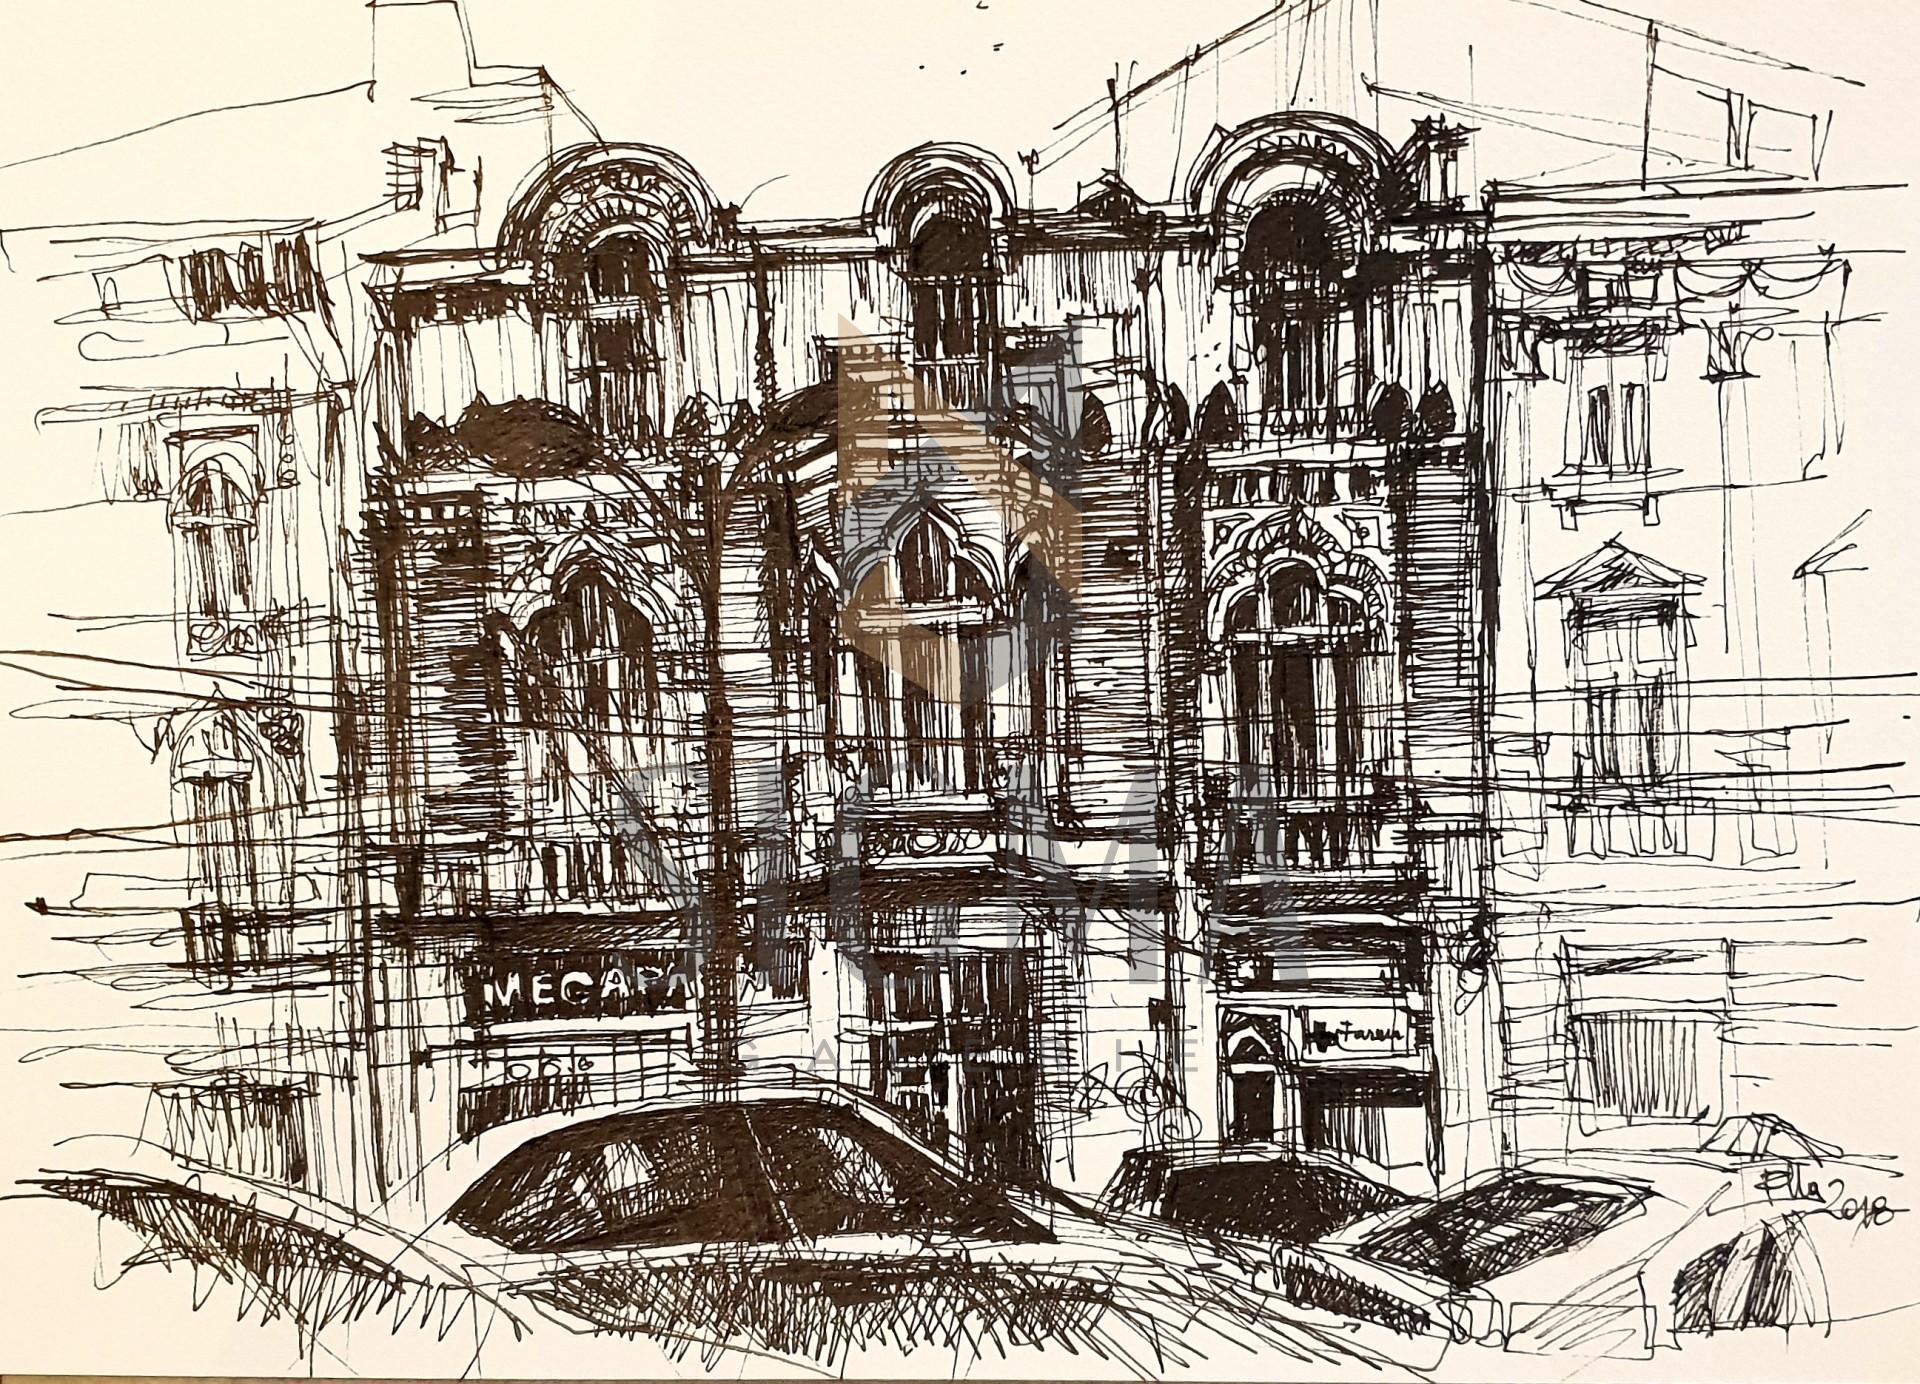 Tablou, Casa arhitectului Ion N. Socolescu - B-dul Carol,   Autor: Raluca Morariu, Tehnica: tus pe hartie Canson, Dimensiuni: 30 x 21 cm